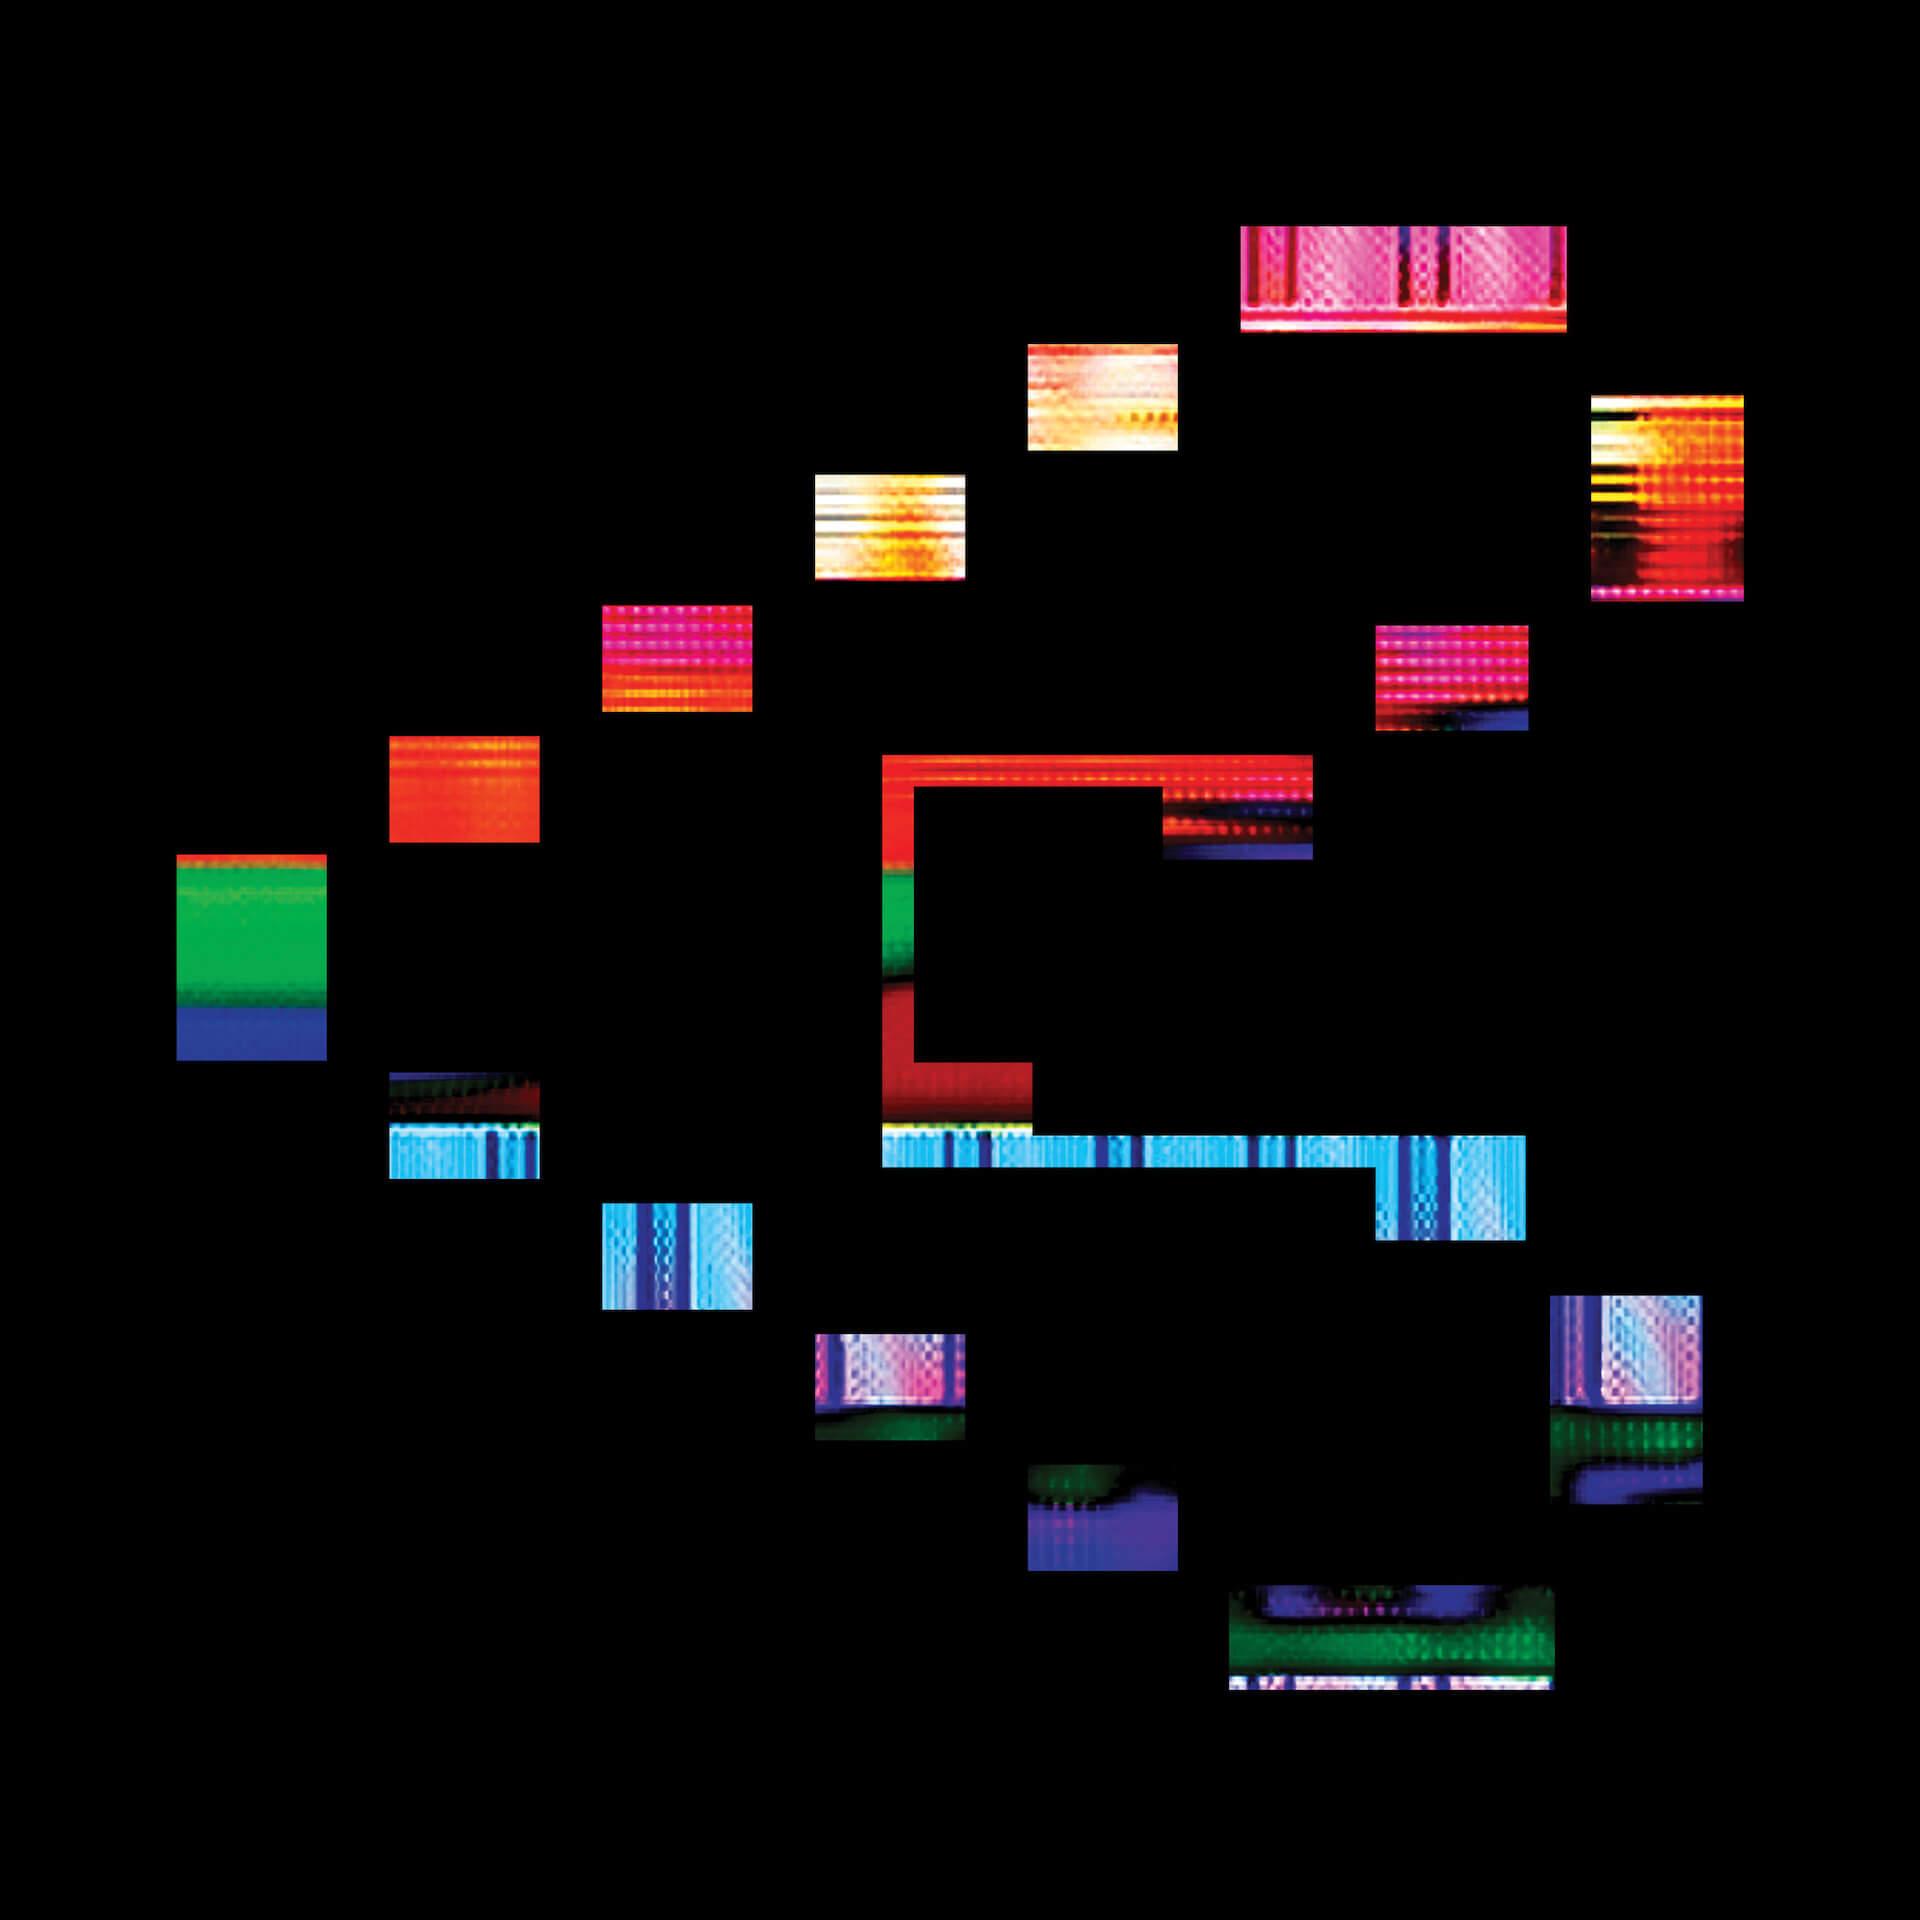 スクエアプッシャー『BE UP A HELLO』リリース前夜祭がタワレコ渋谷で開催決定!真鍋大度、mito、たなしんのトークライブも music200128_squarepusher_3